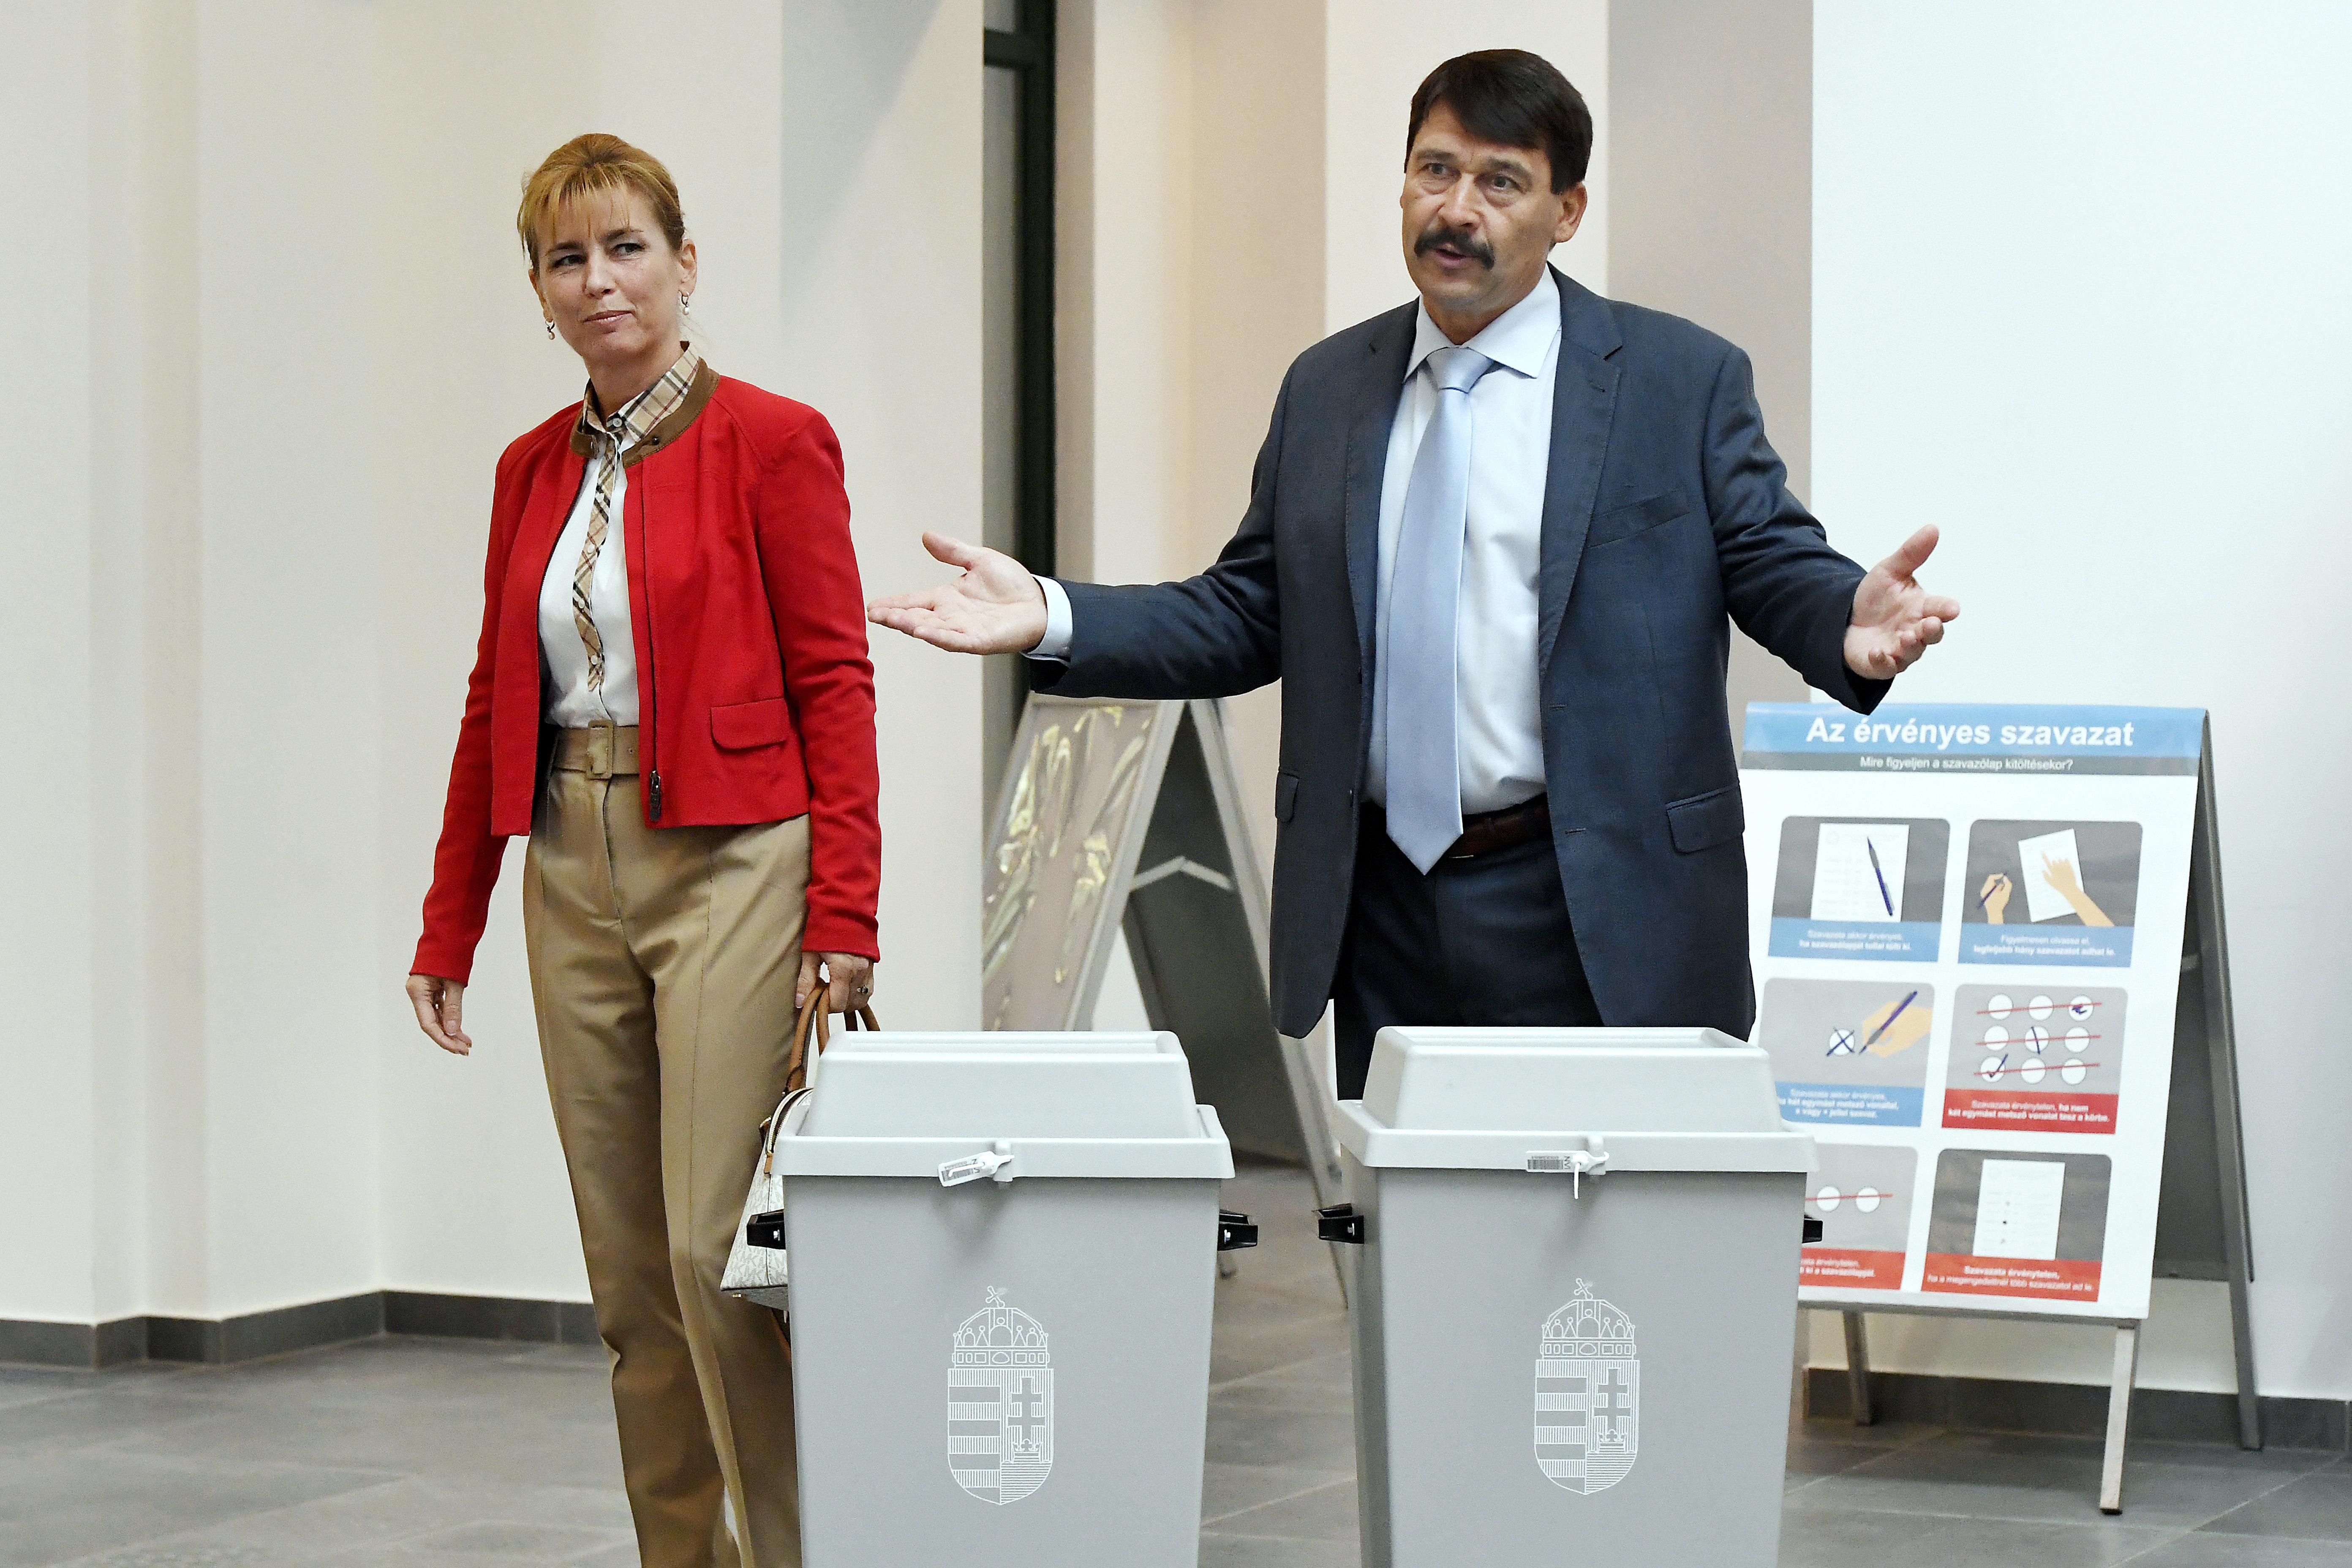 Alkotmánymódosítással akadályozná meg egy szocialista képviselő, hogy még a választások előtt új köztársasági elnököt válasszon a fideszes többség